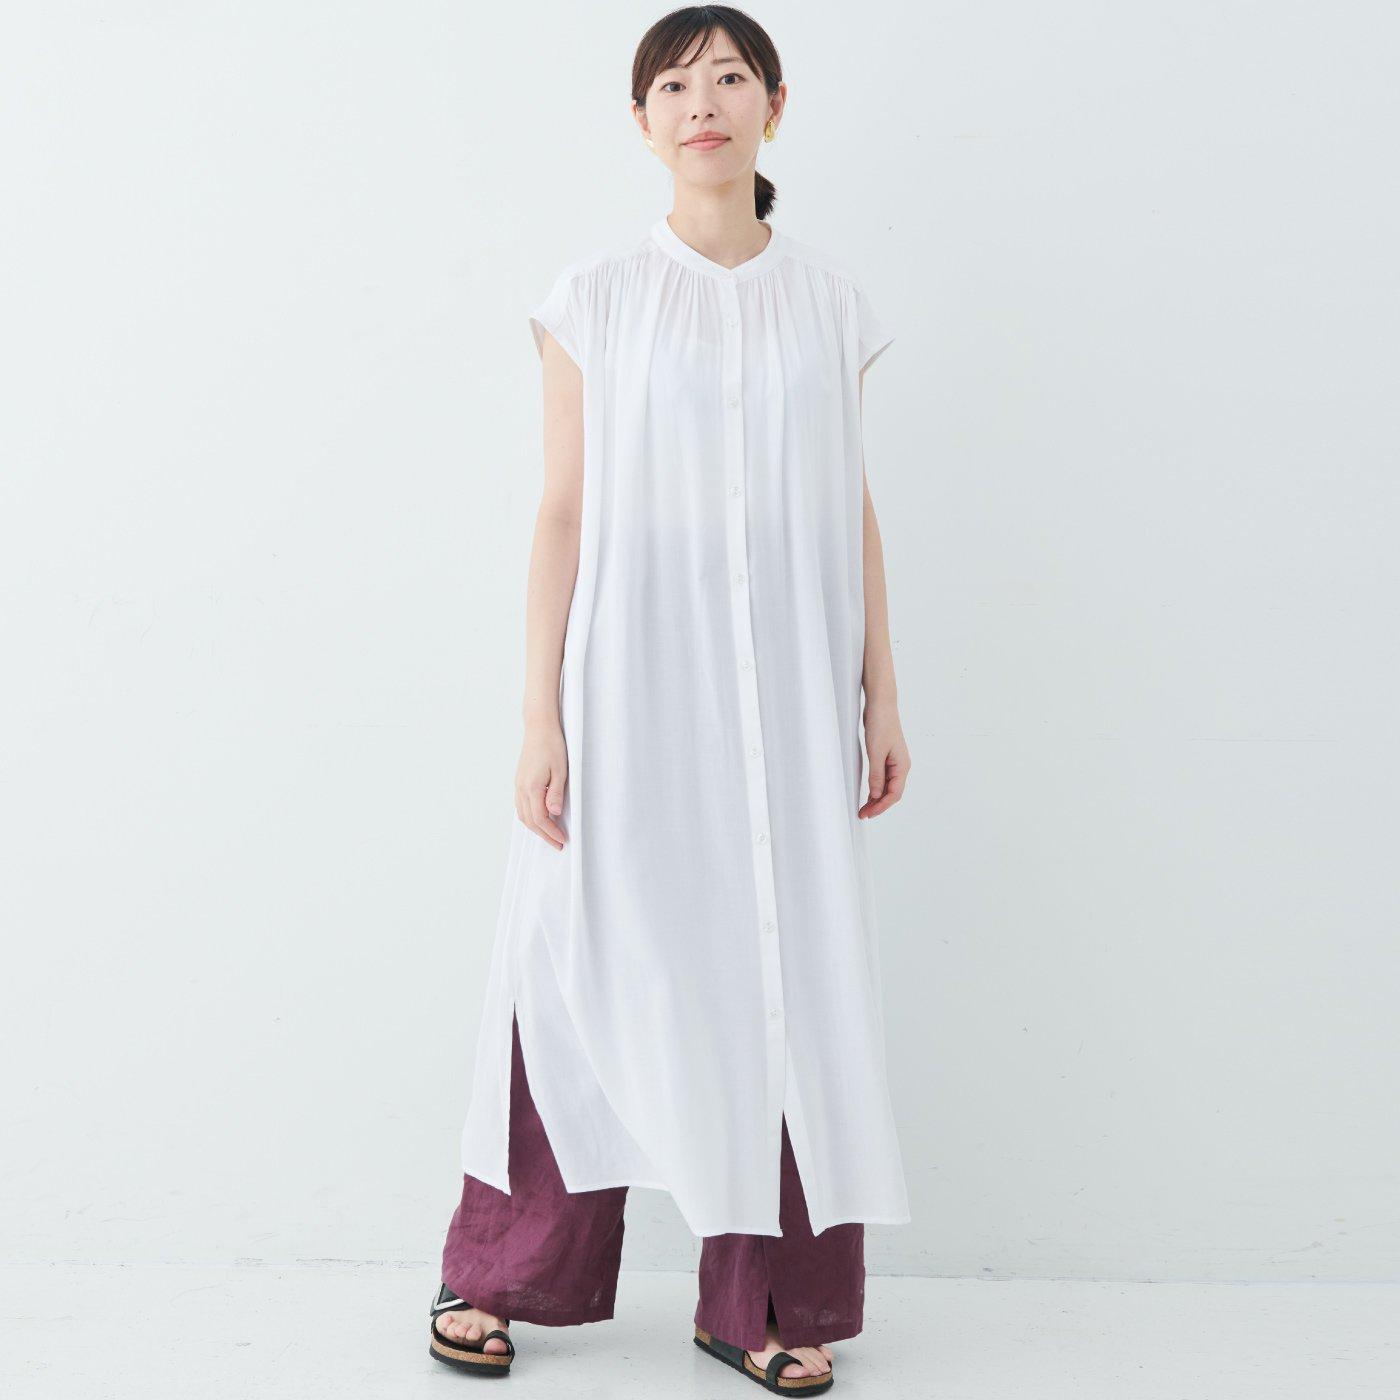 【WEB限定】IEDIT[イディット] 風通る涼やかなシルエットがうれしい レーヨン素材のフレンチスリーブロングブラウスシャツ〈ホワイト〉